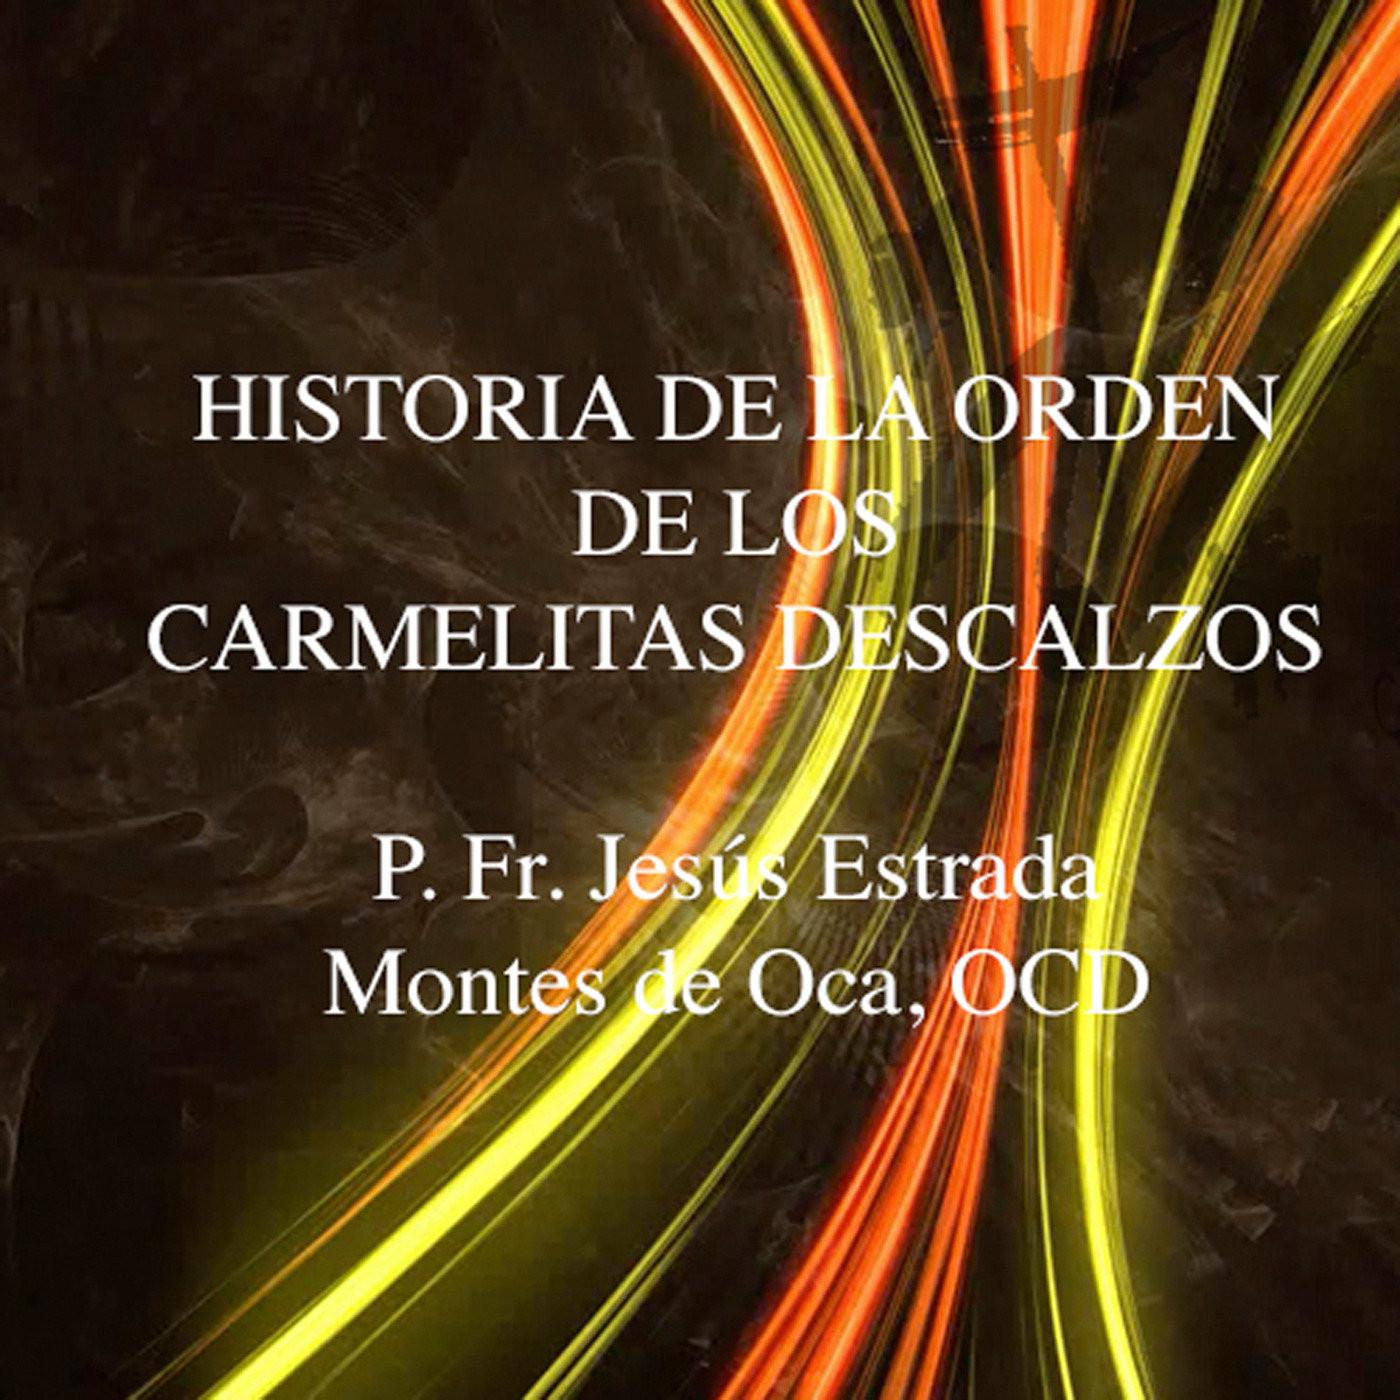 <![CDATA[Historia de los Carmelitas Descalzos - Jesús Estra]]>